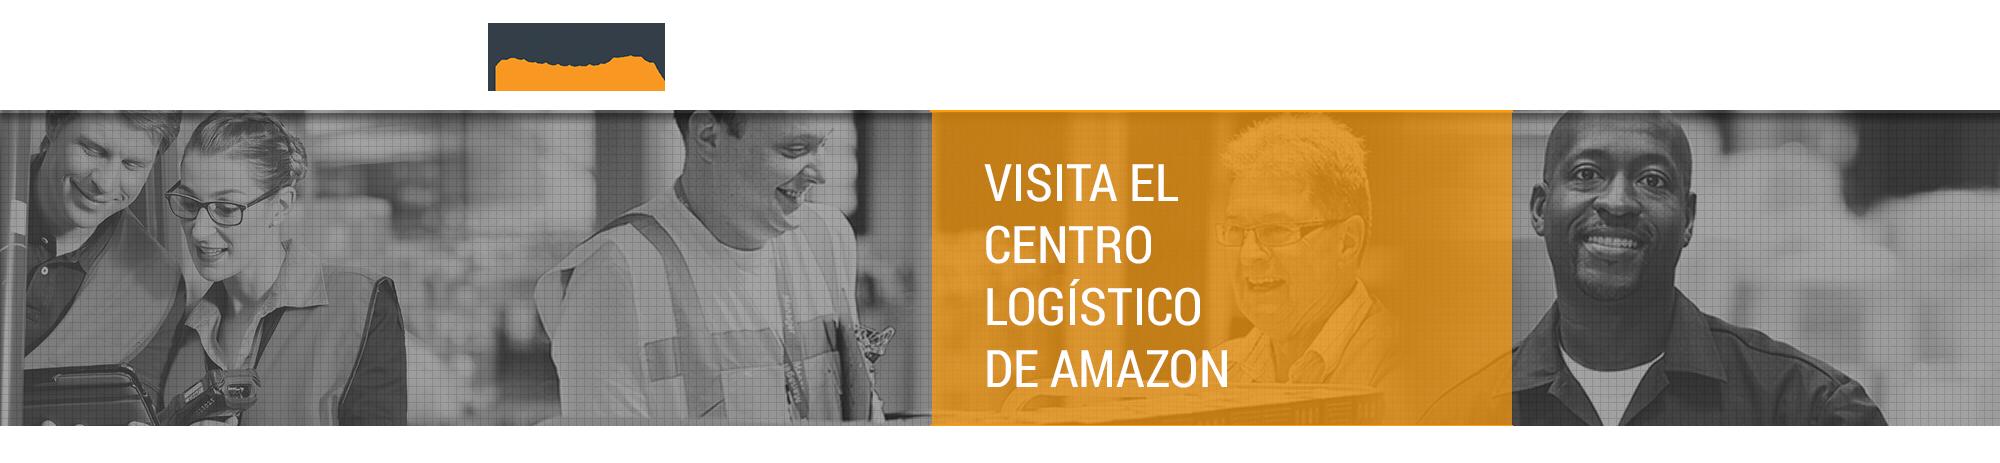 Visita al Centro Logístico de Amazon - San Fernando de Henares (Madrid)